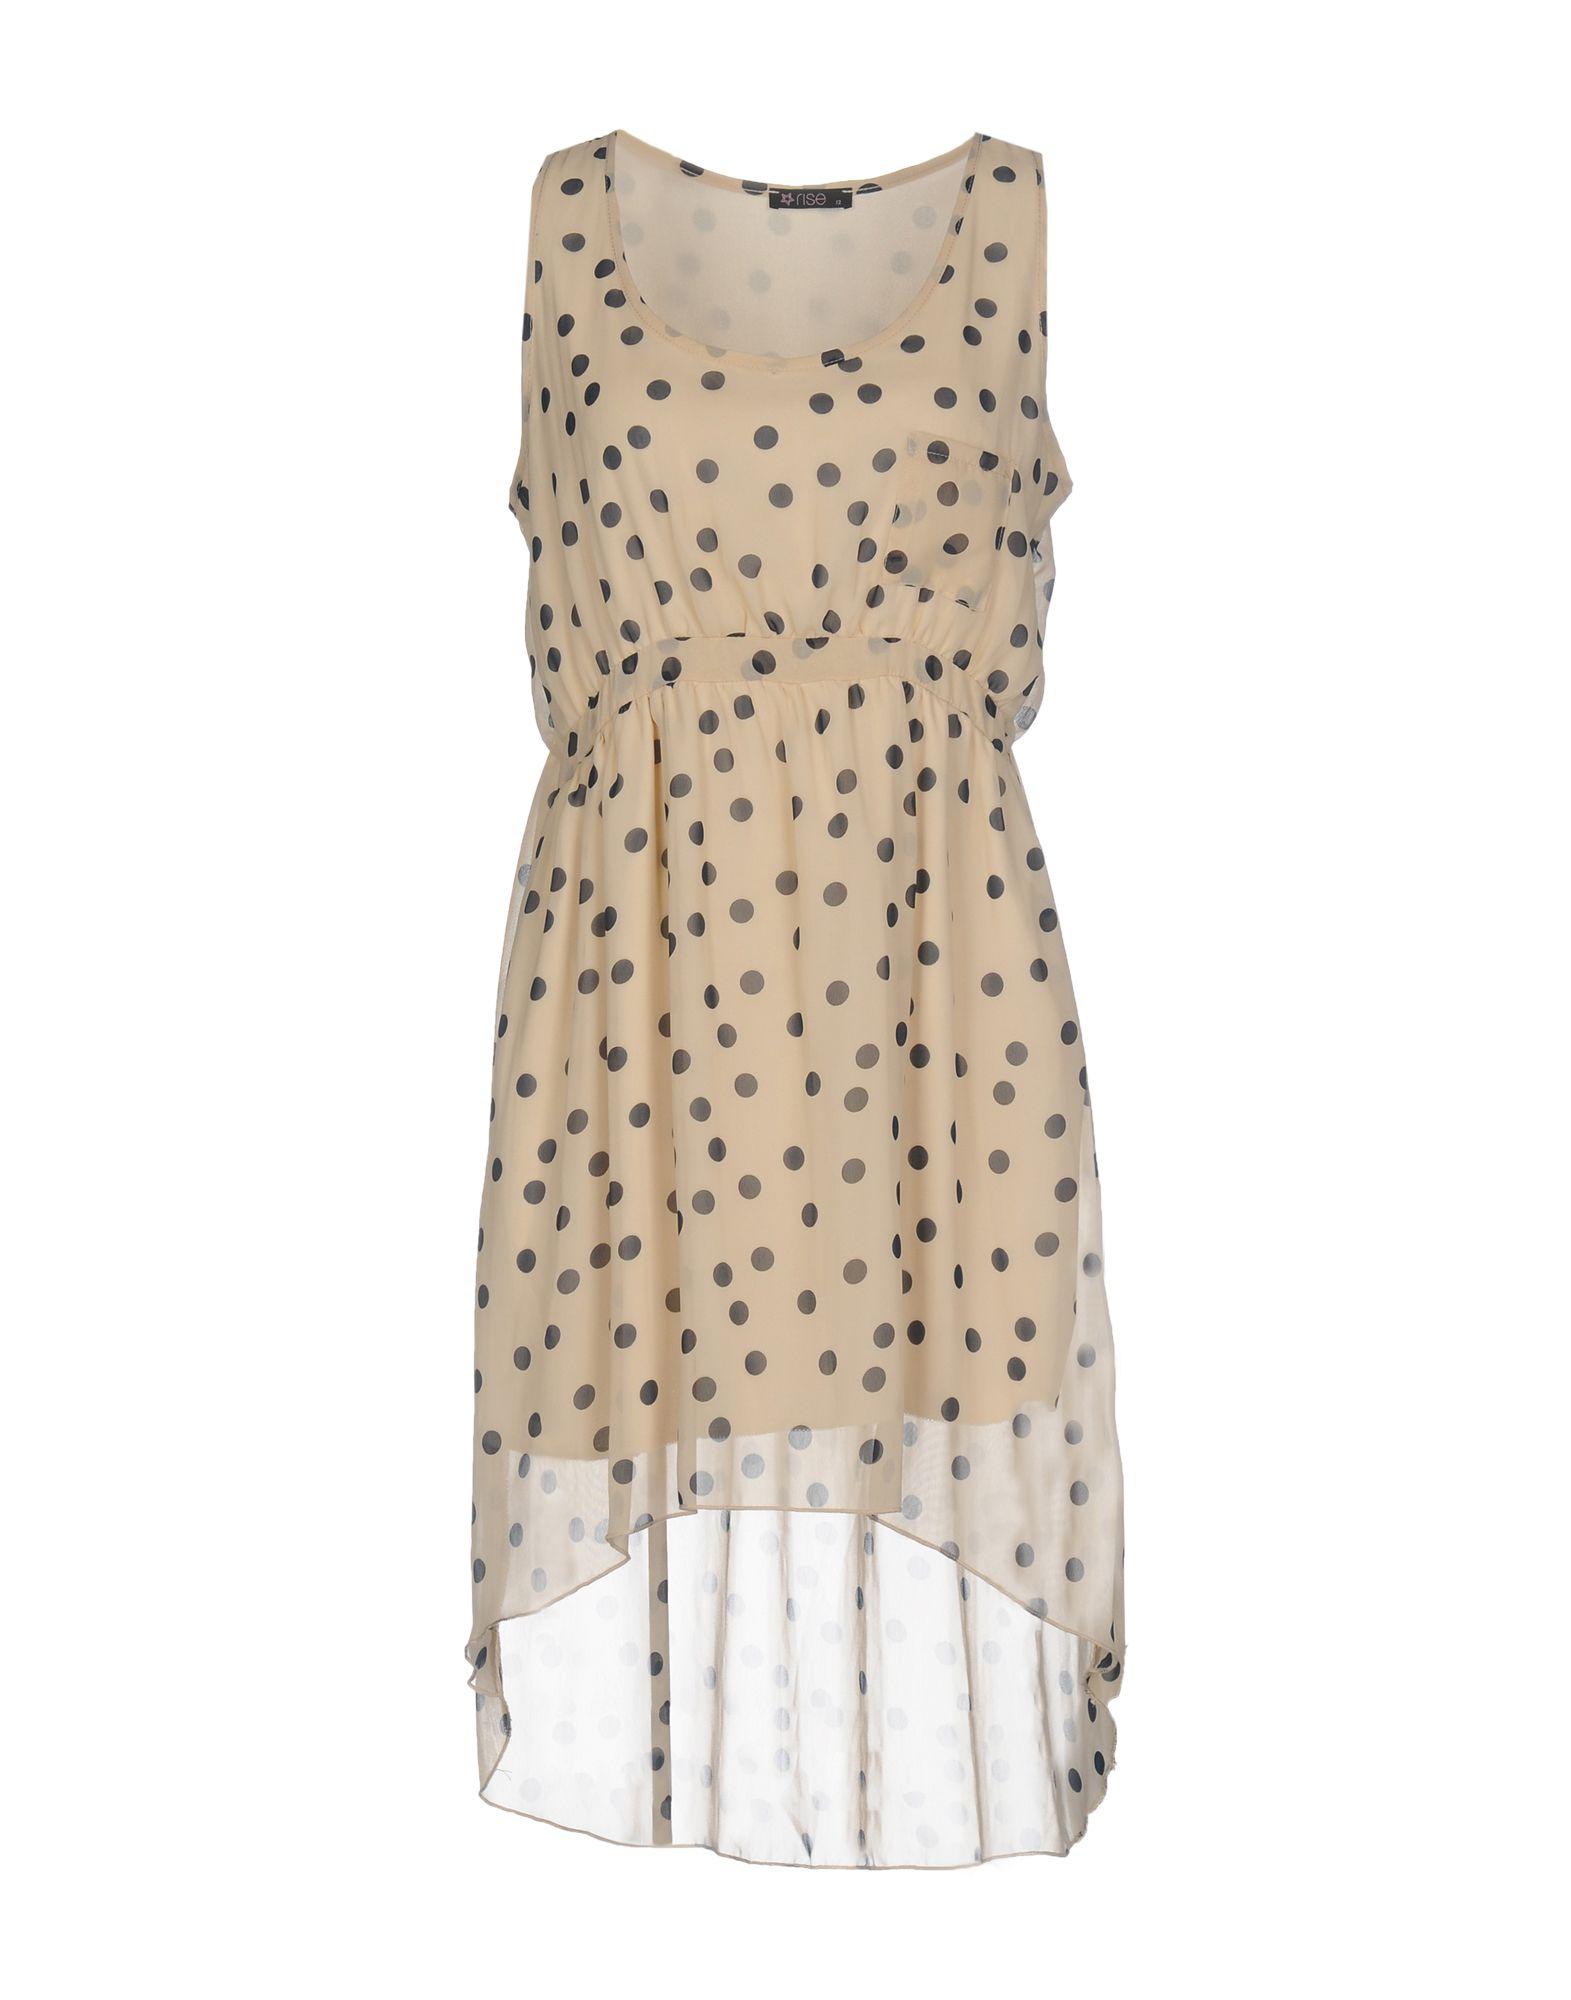 RISE Short Dresses in White